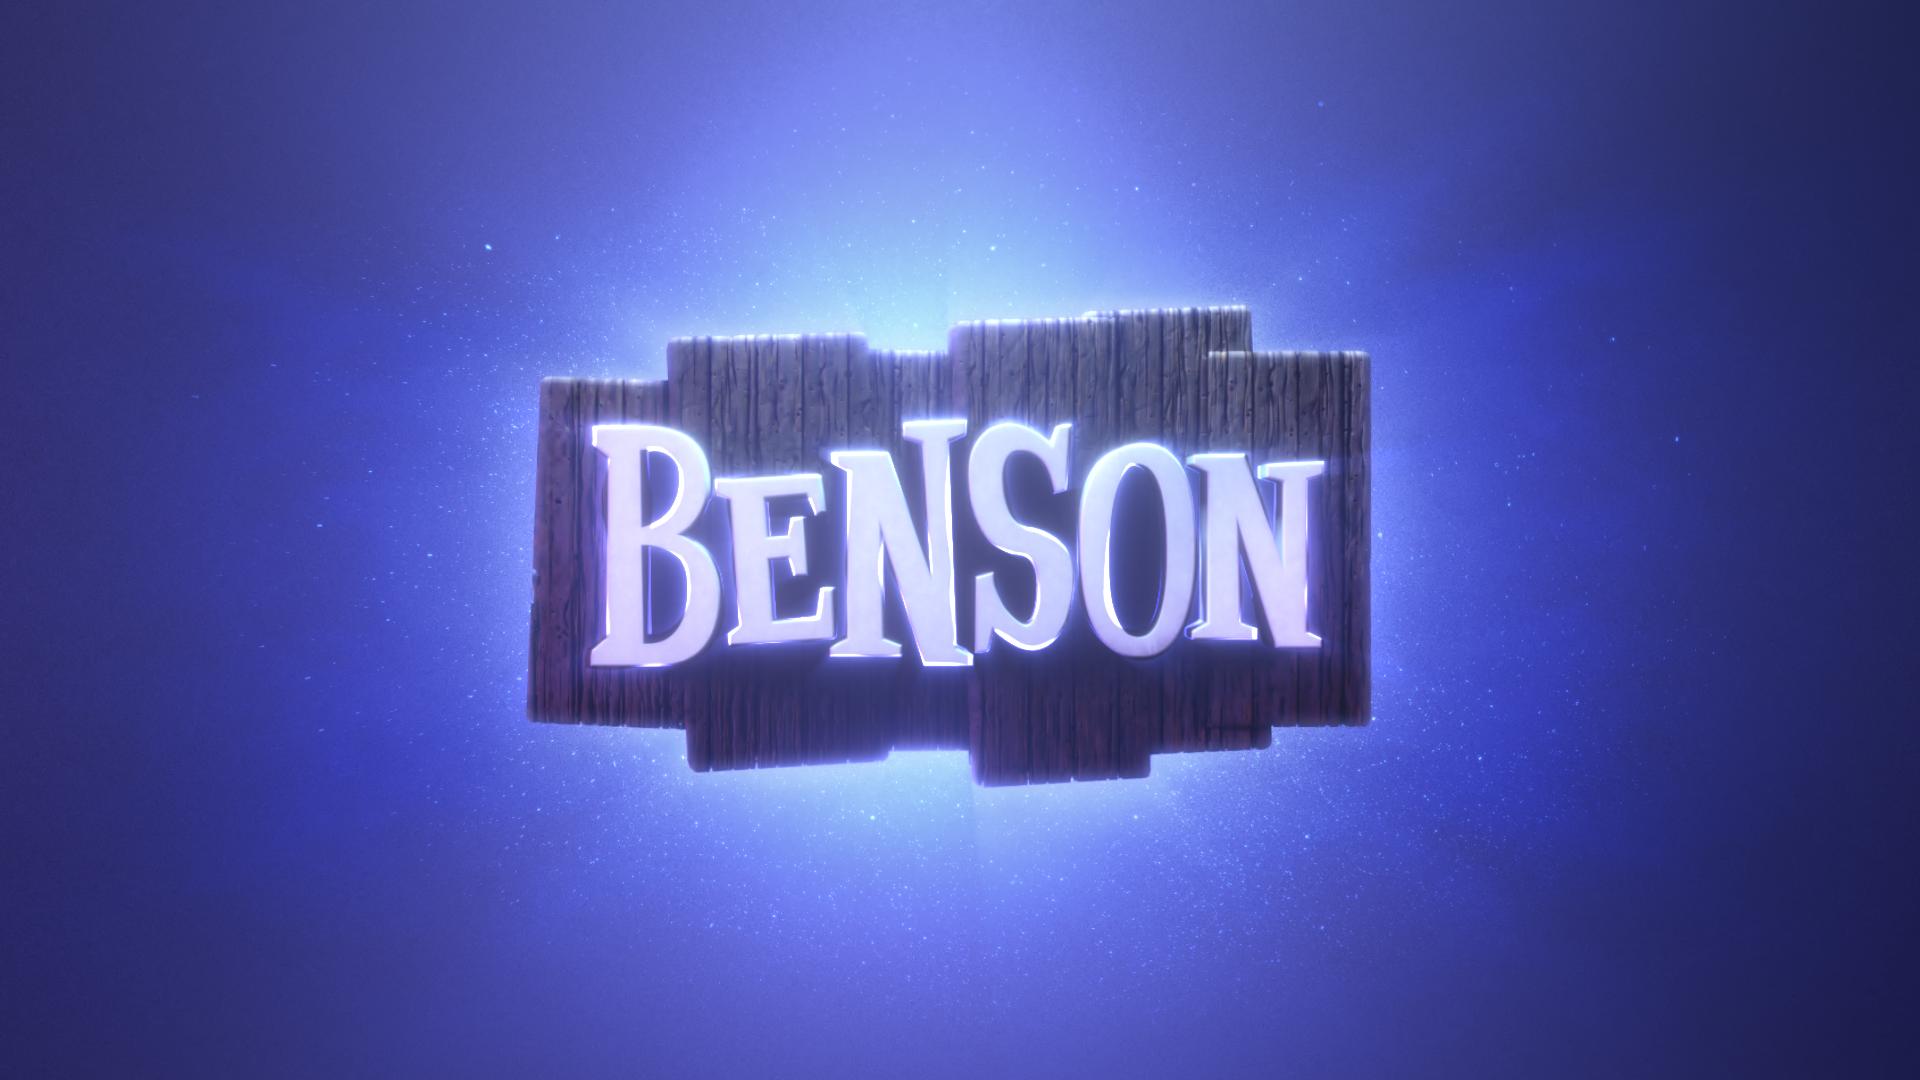 Benson_Main_Title_HD